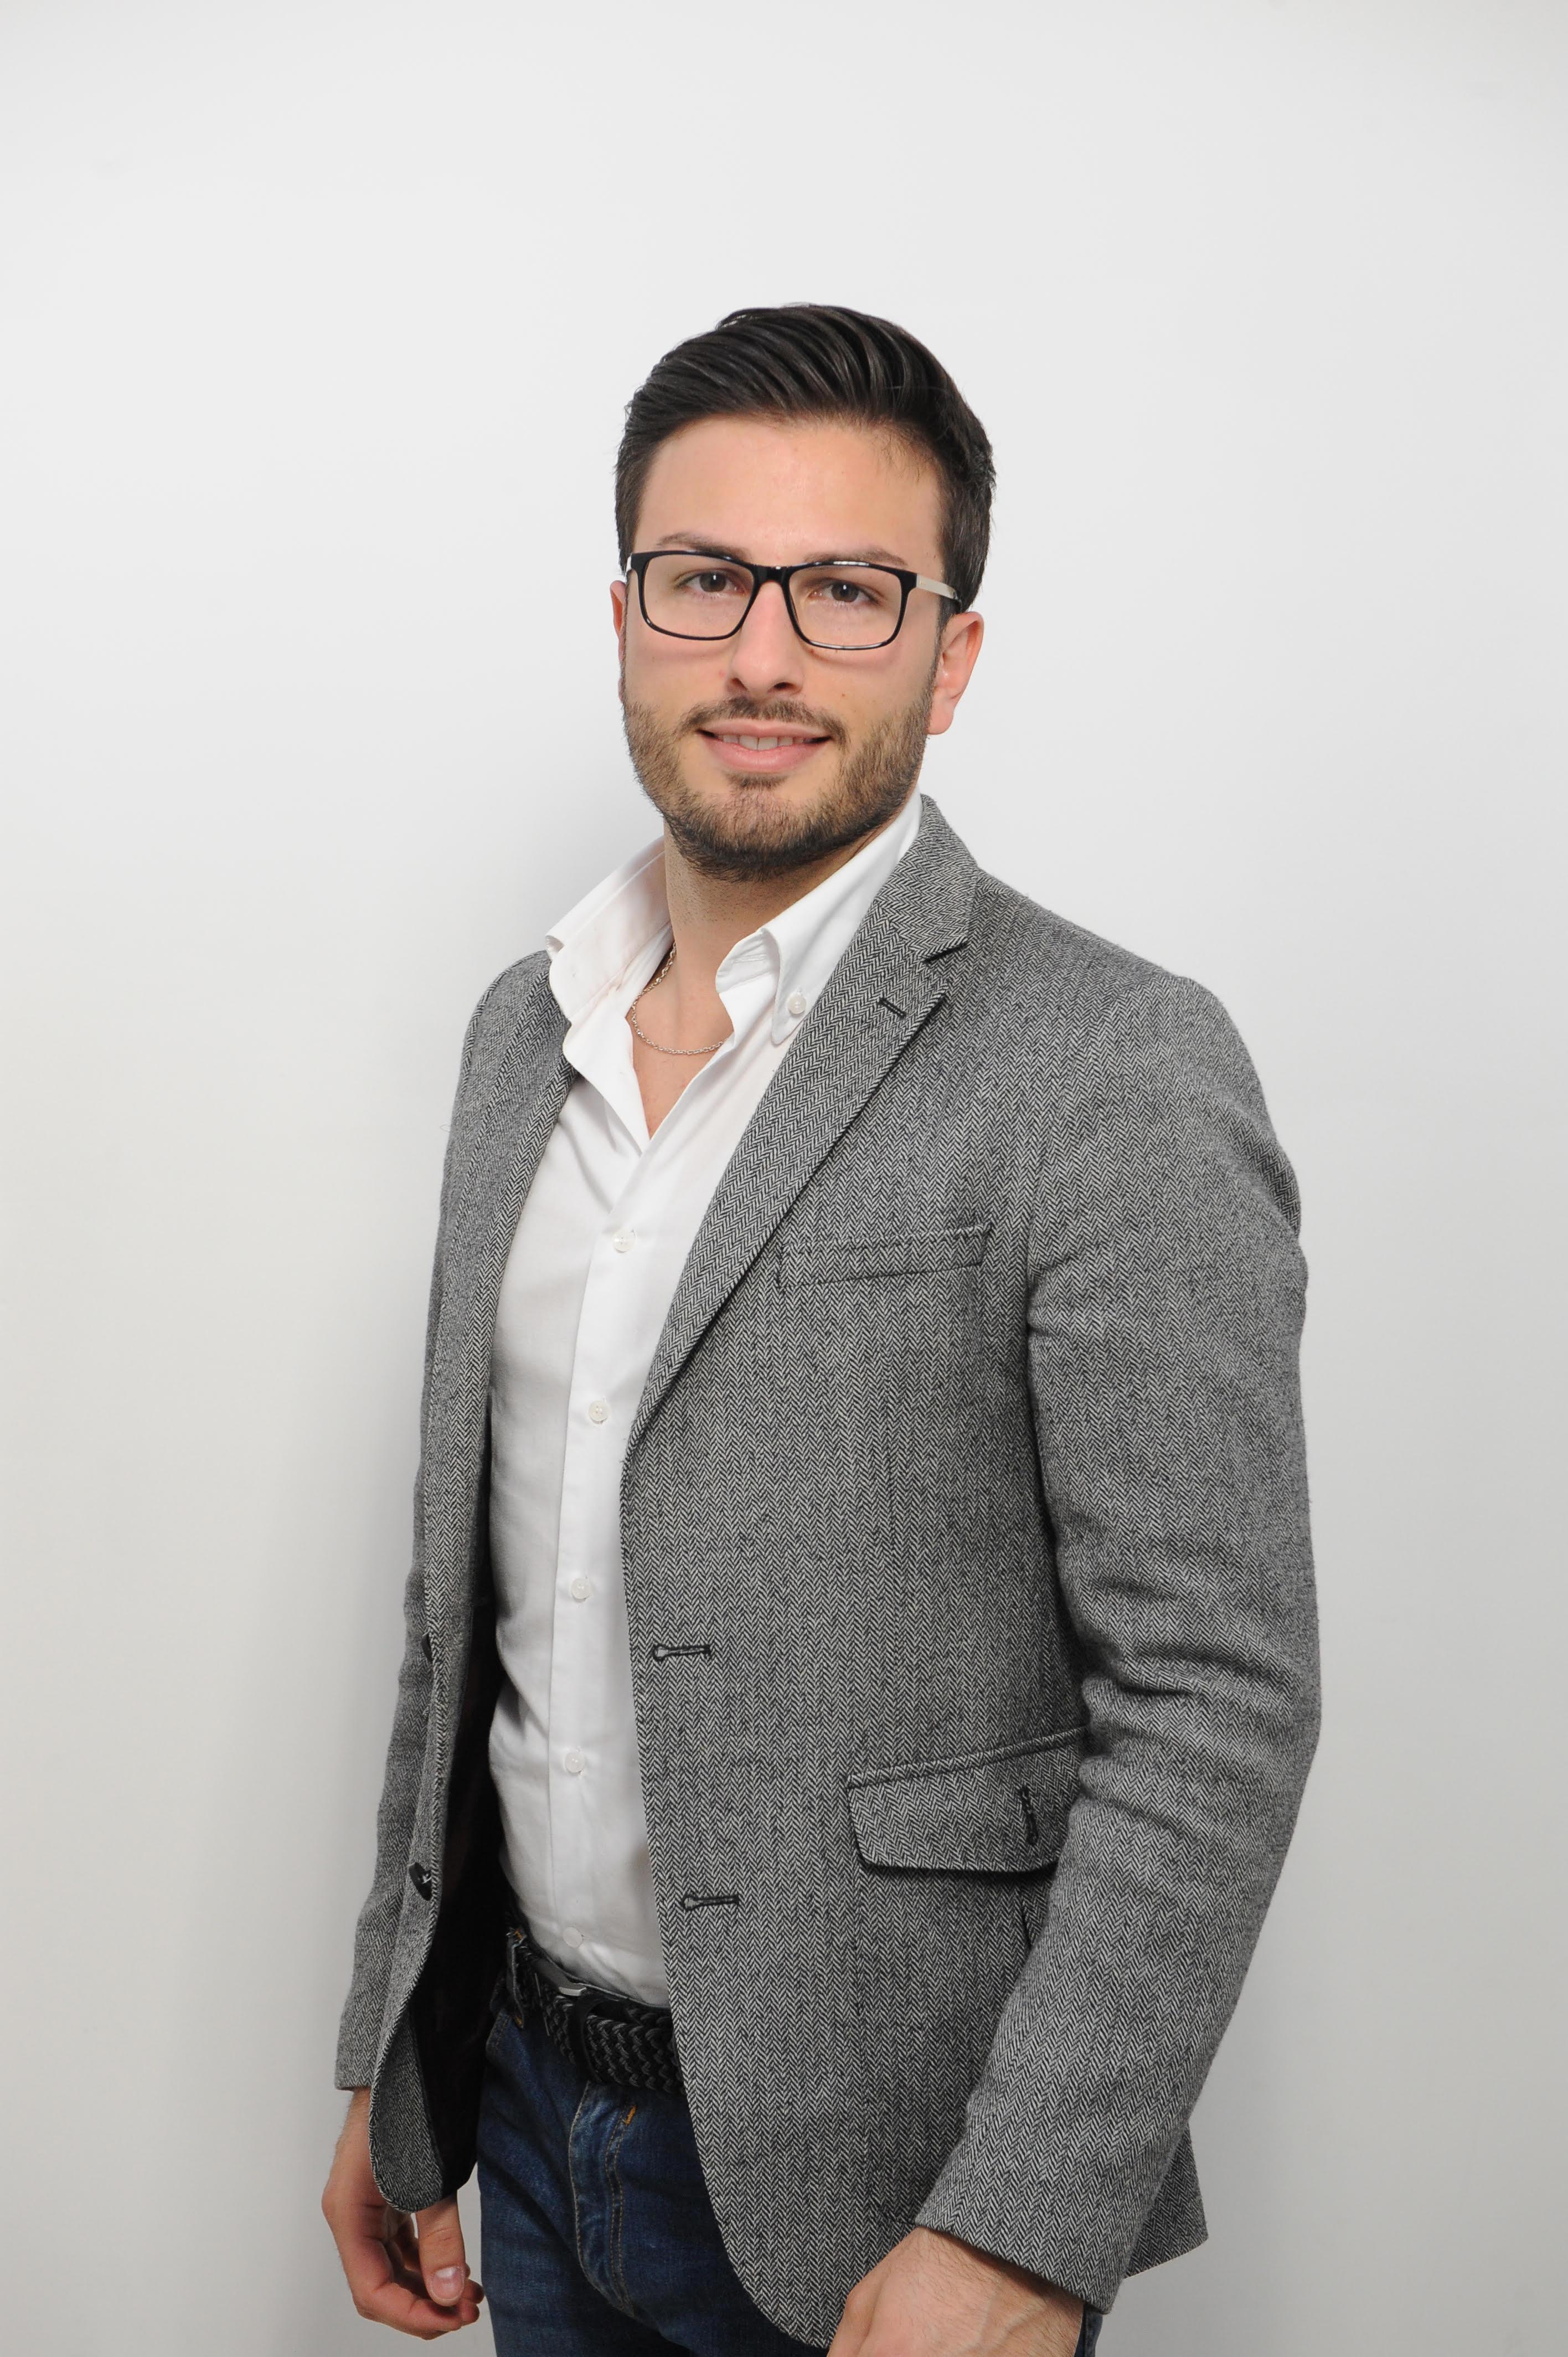 Giacomo Cardia